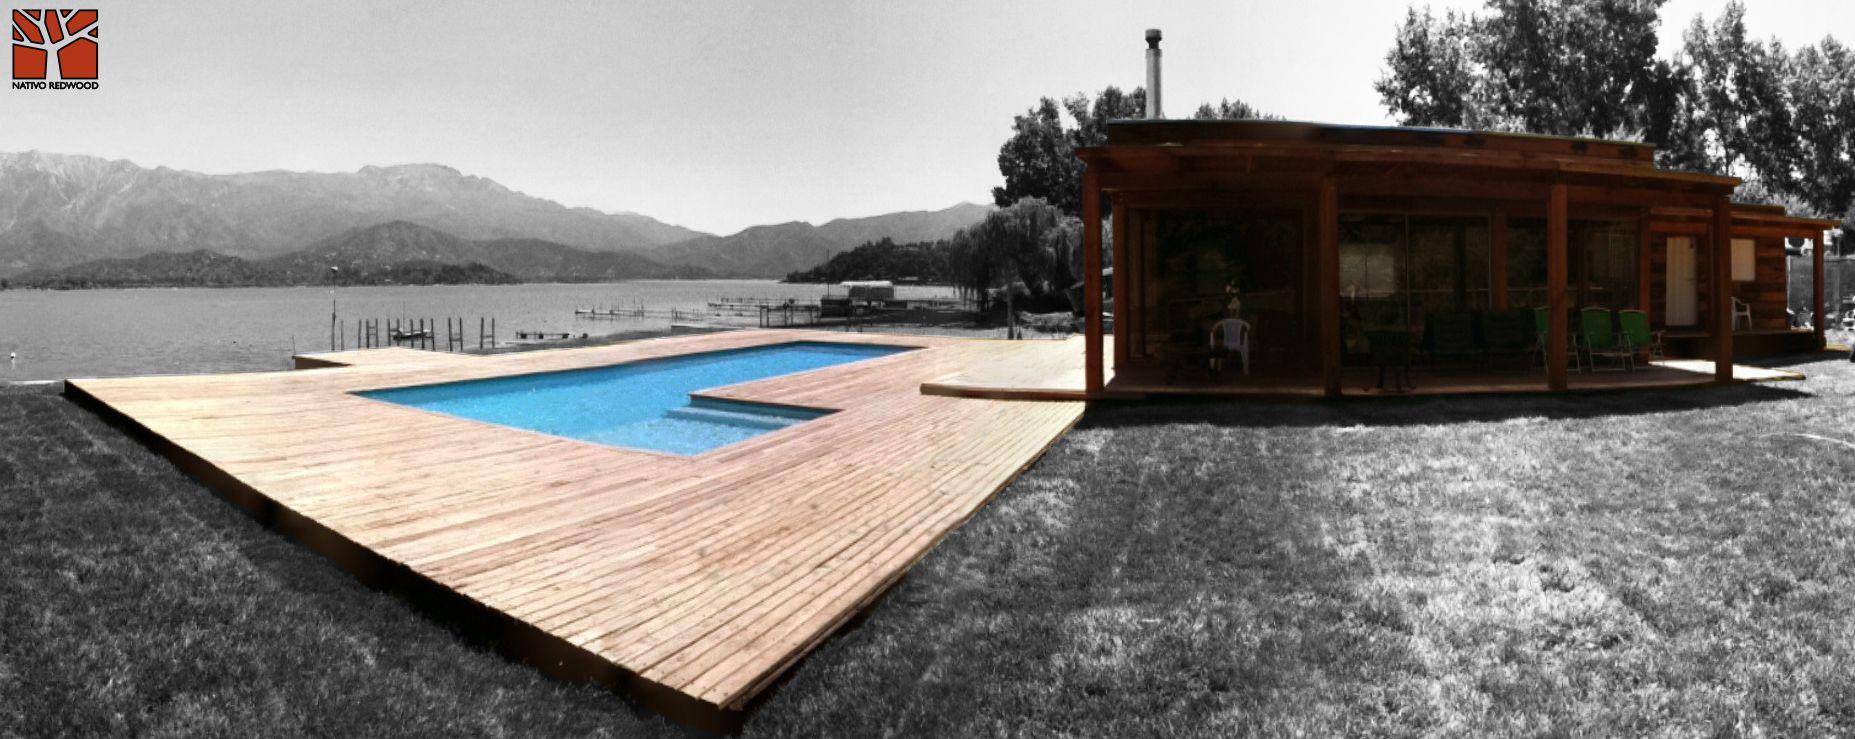 Nativo redwood terraza en casa en laguna aculeo - Terrazas de piscinas ...